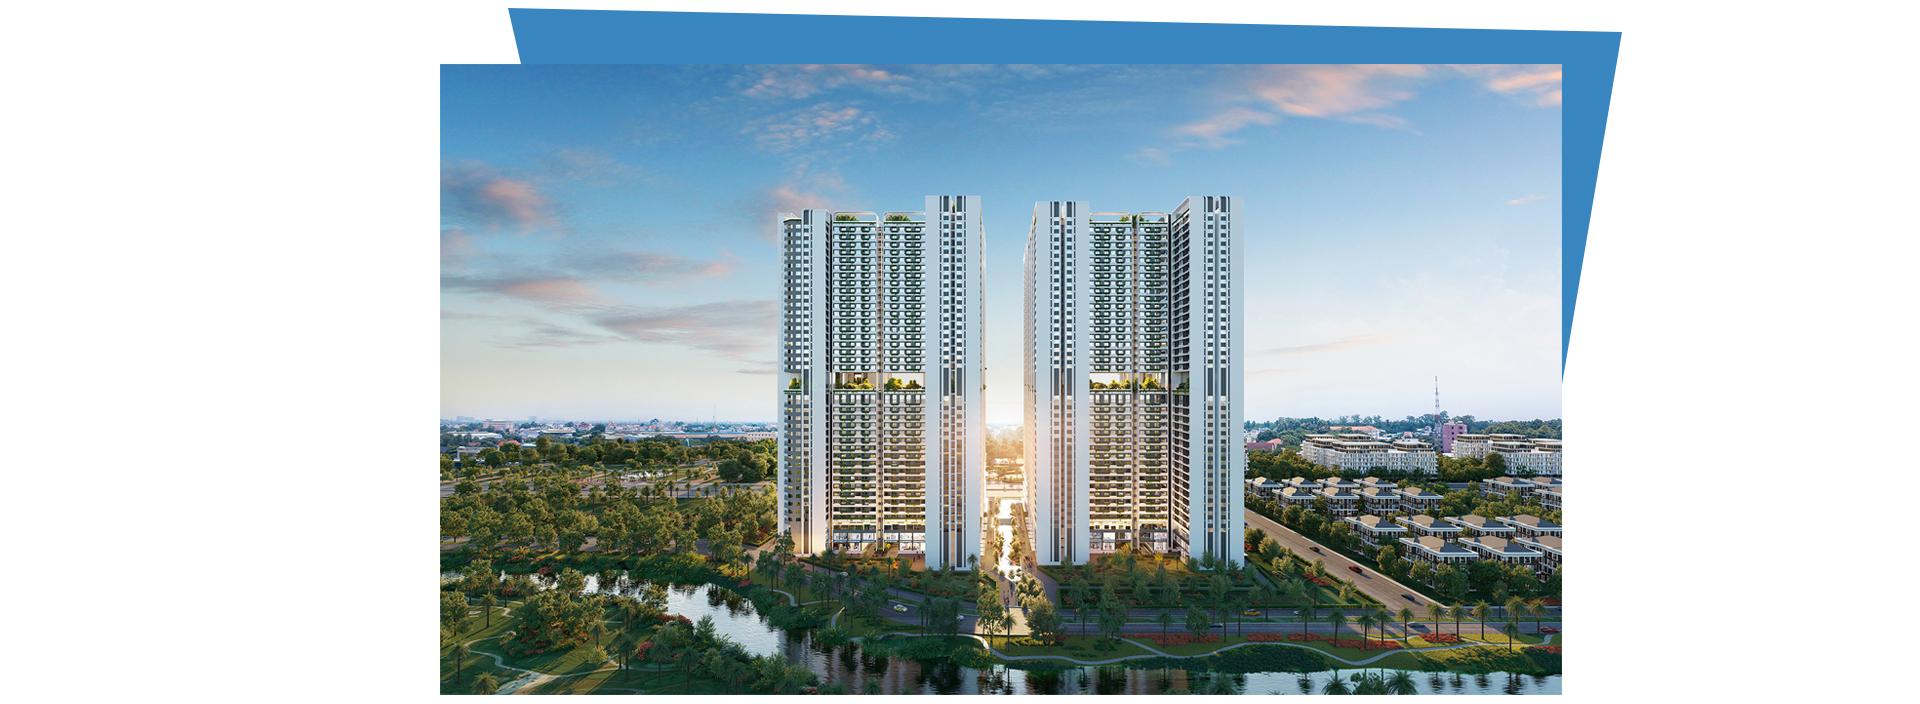 Kiến trúc 'dẫn sáng, đón gió' tại 8 tòa tháp Astral City 2020 14